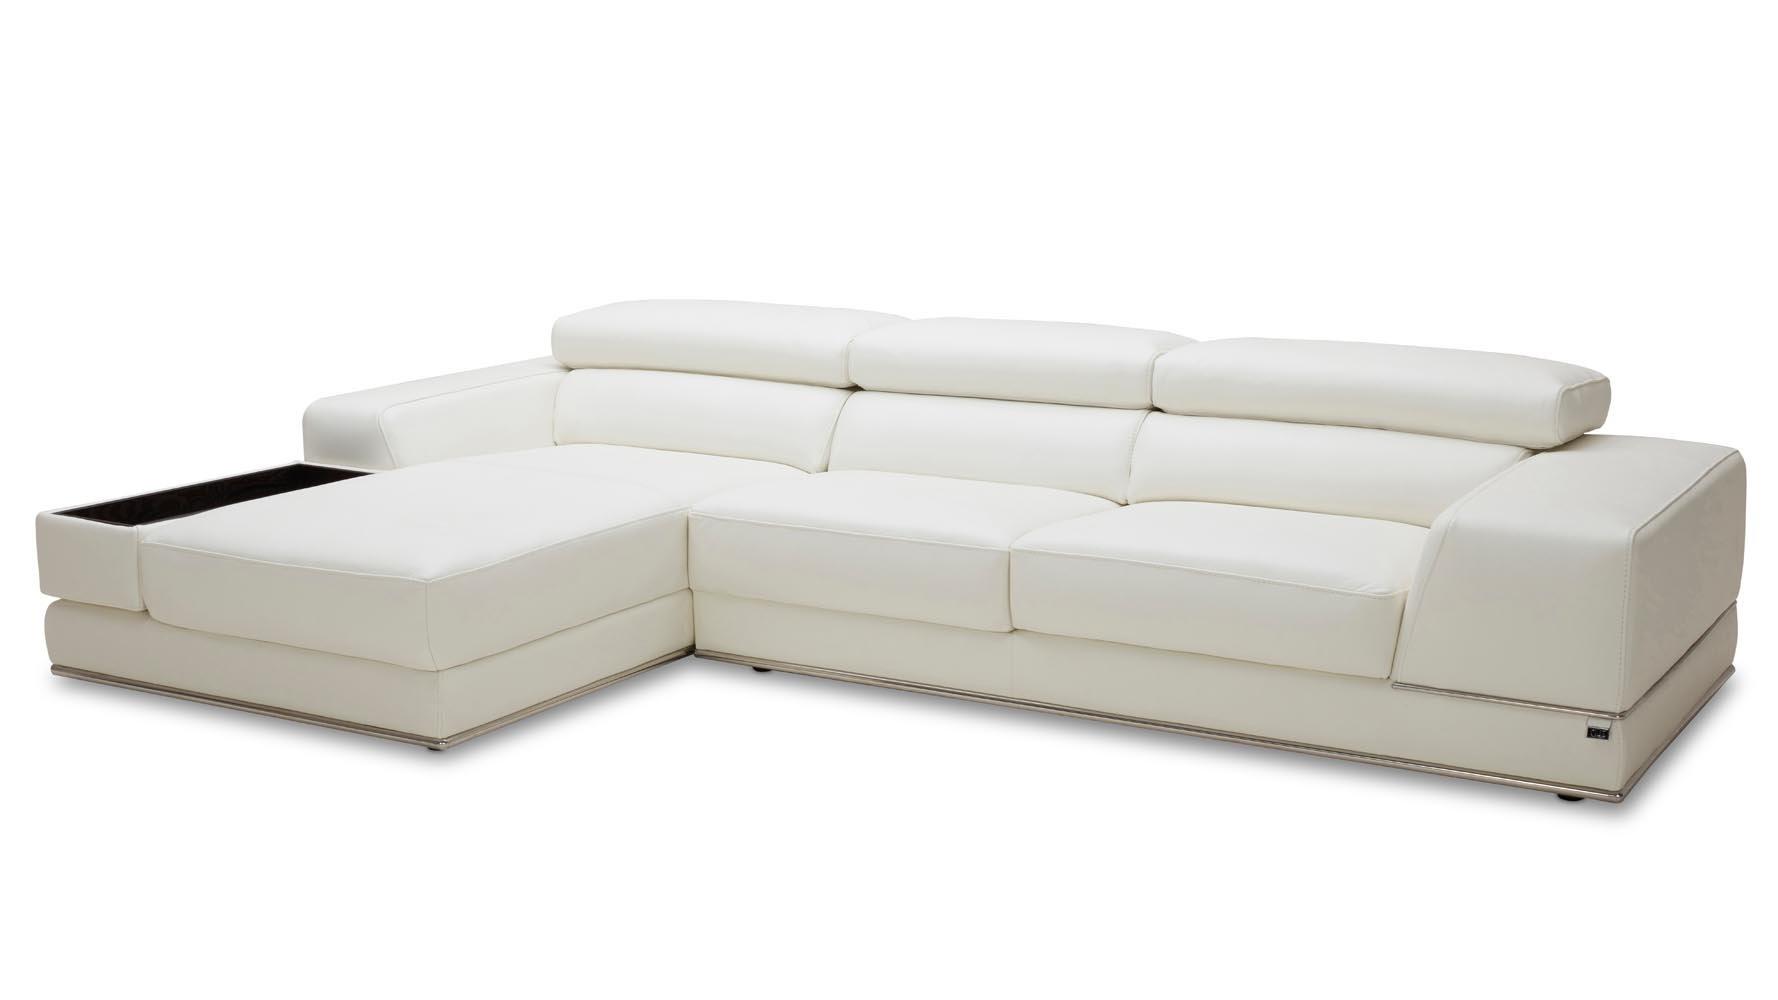 Encore white leather sofa zuri furniture for Ashley encore grain chaise